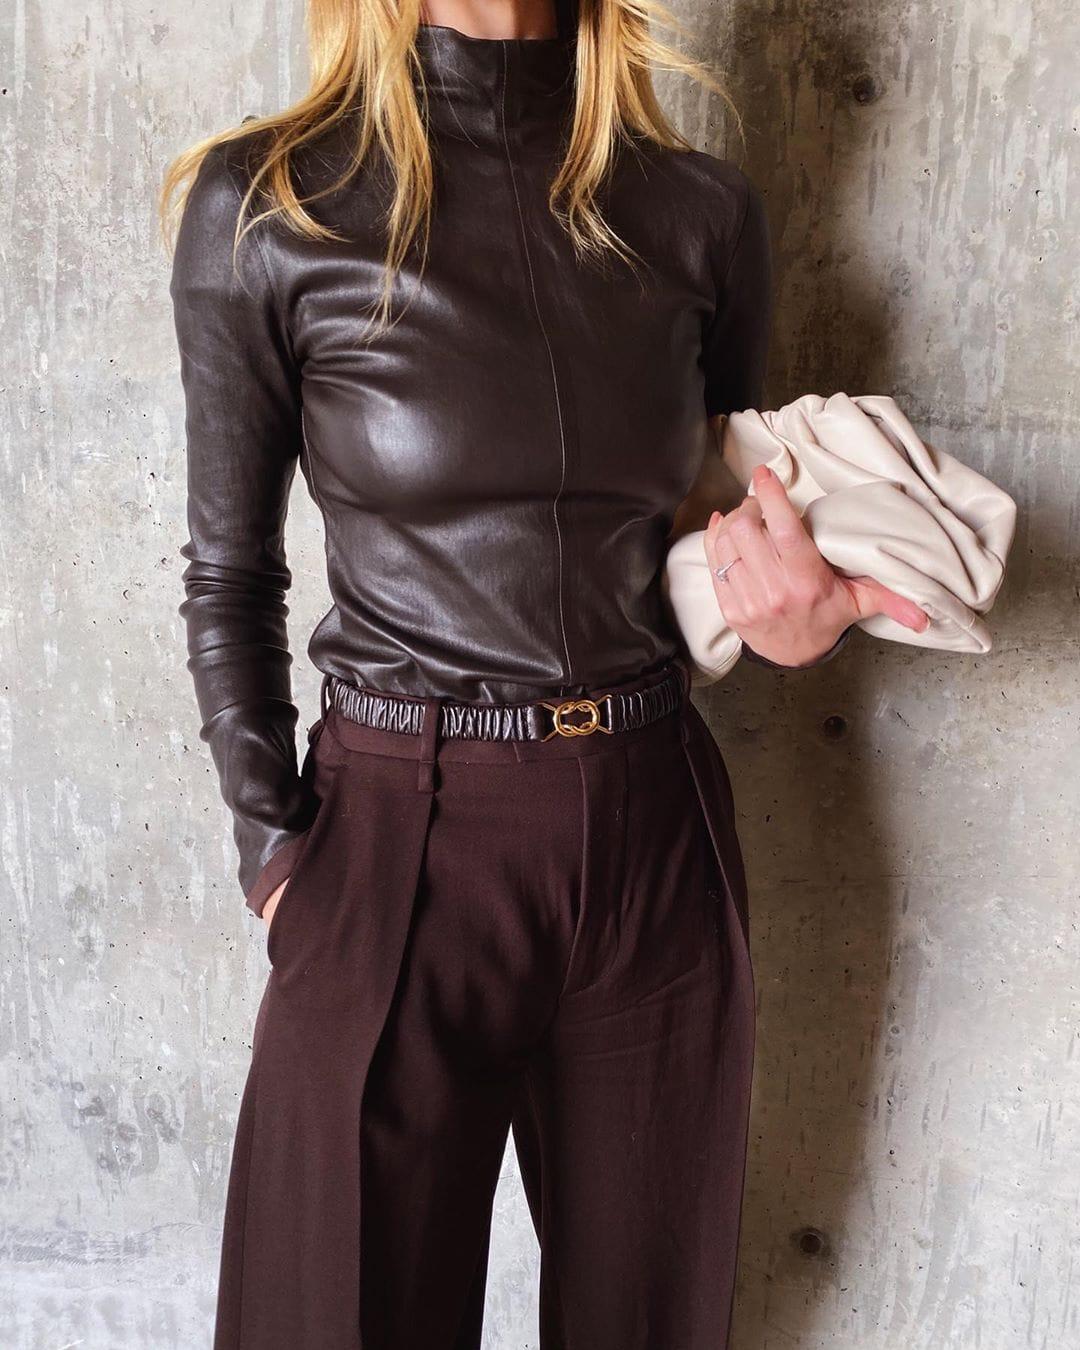 Những chiếc túi đáng ham muốn của vợ 'người vận chuyển' Jason Stathamp - 10